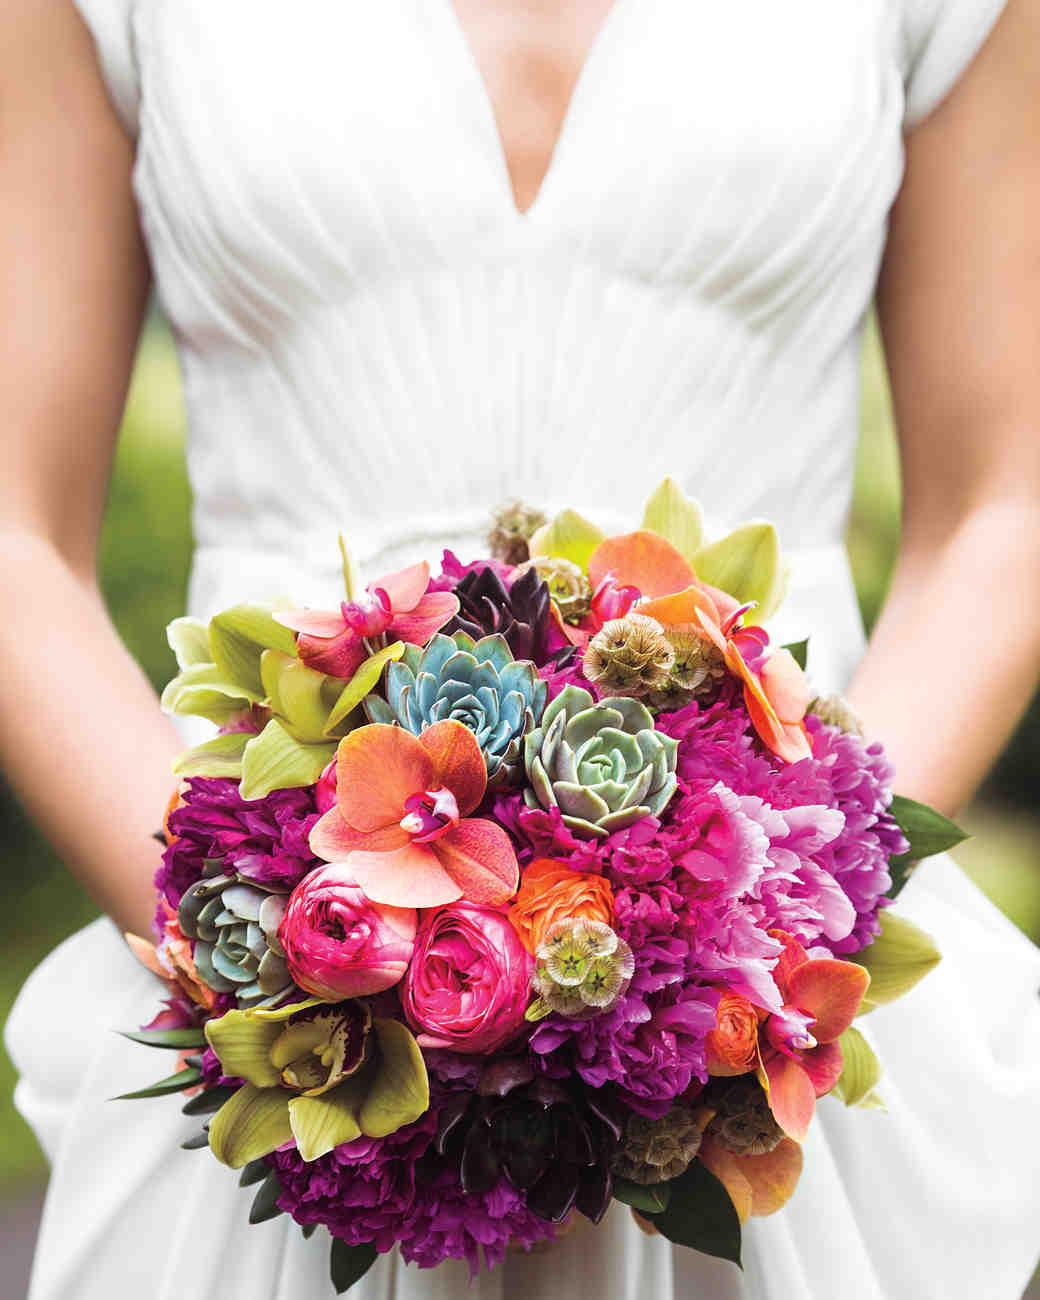 اشيك باقات تحفه للعروسه